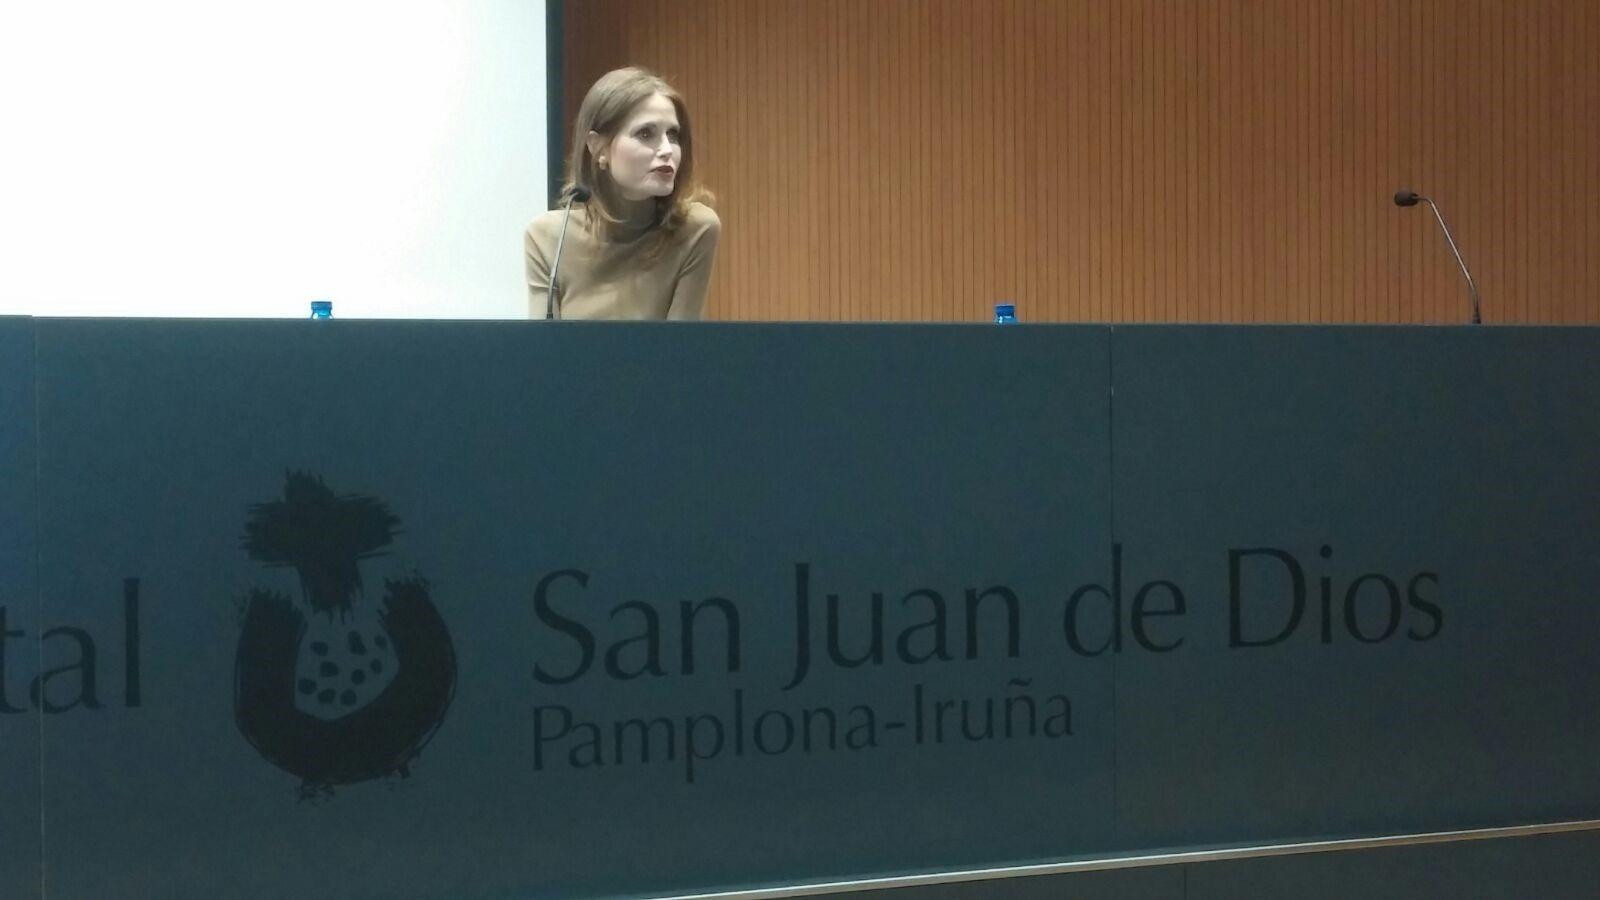 Imagen de Inma Shara durante su intervención hoy en el Hospital San Juan de Dios.